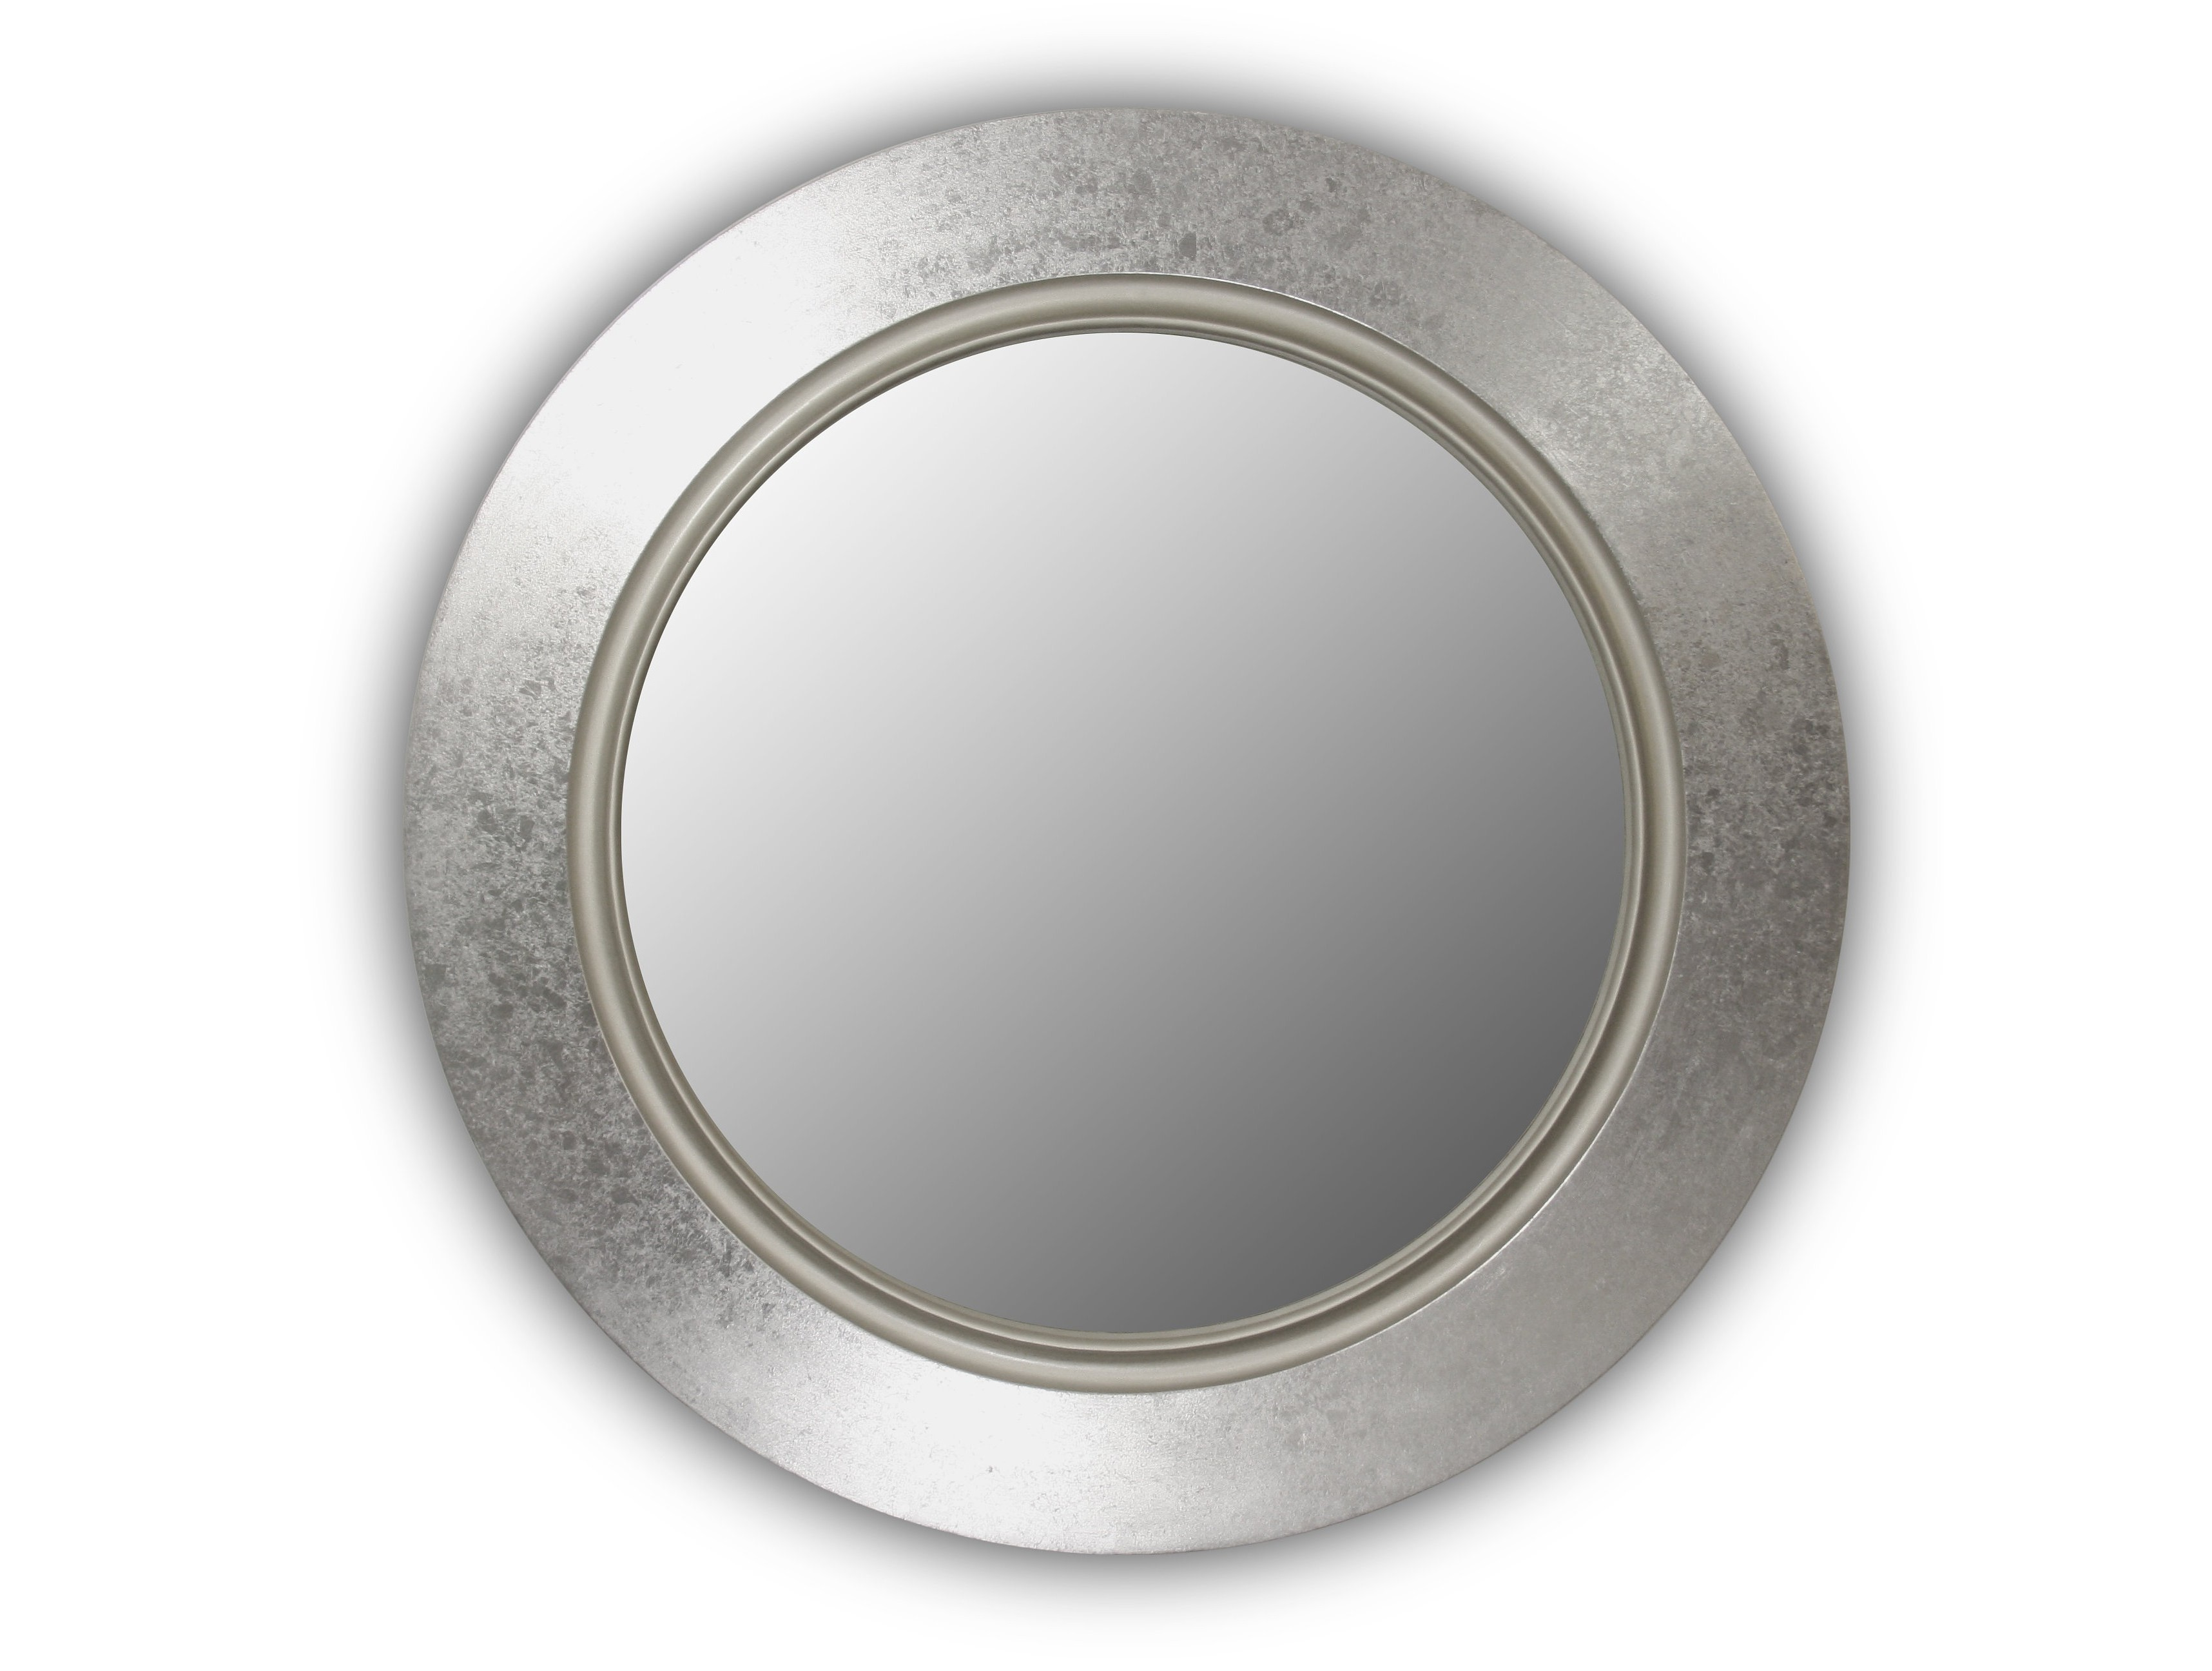 Зеркало Fashion elegantНастенные зеркала<br>Патина, поталь.&amp;lt;div&amp;gt;Возможен заказ изделий размерами 90 см, 75 см, 65 см&amp;lt;/div&amp;gt;<br><br>Material: Дерево<br>Высота см: 3<br>Глубина см: 3